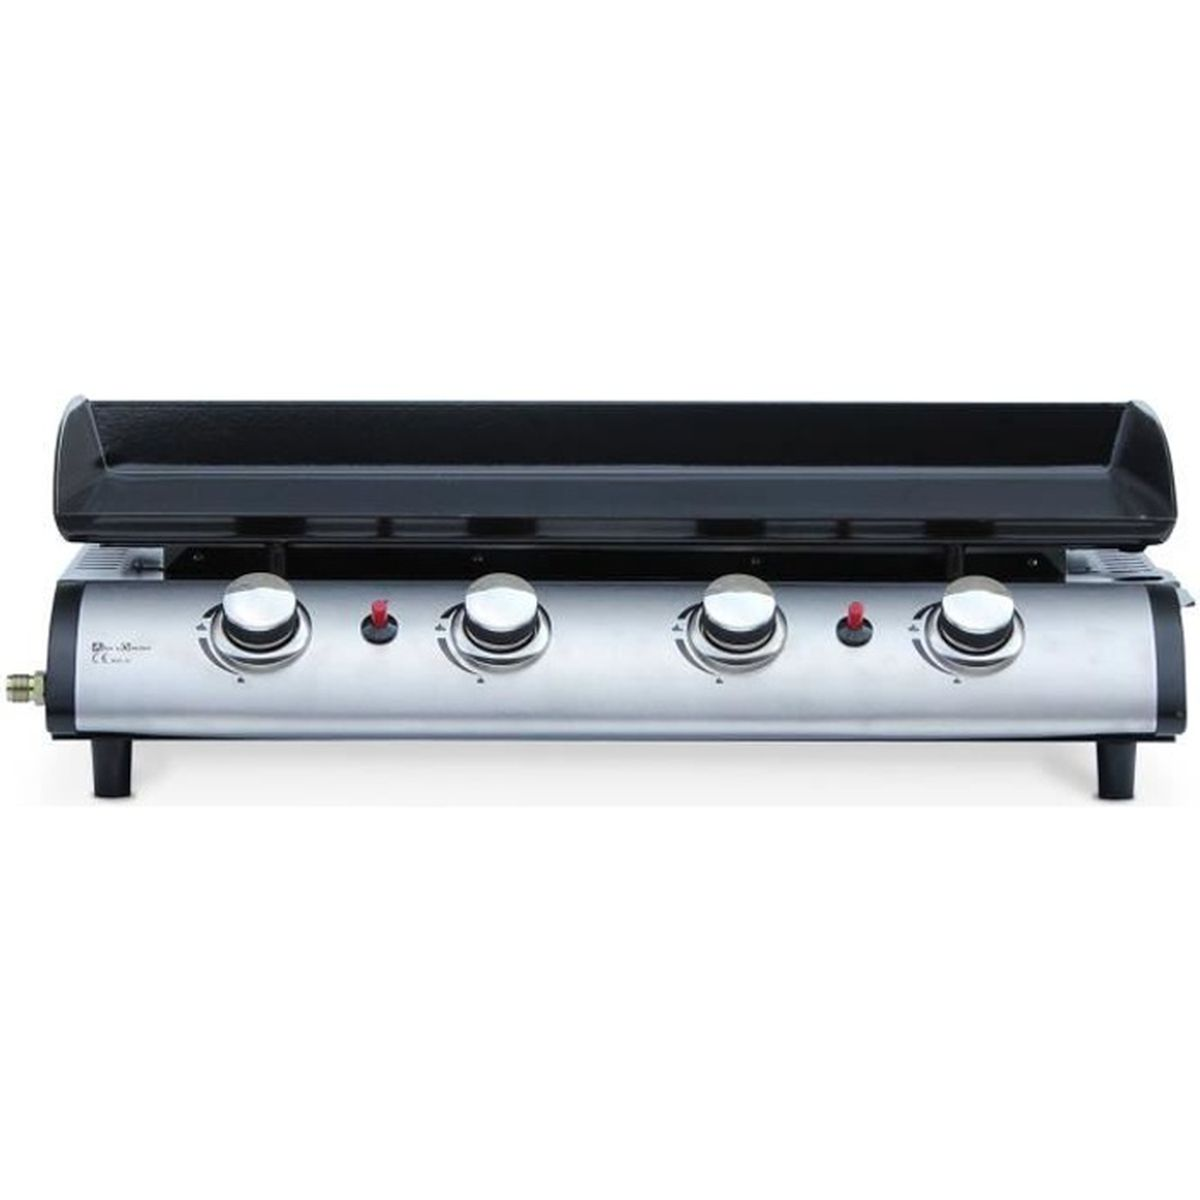 ... 10 kW barbecue cuisine extérieure grande plaque émaillée inox. BARBECUE  Plancha au gaz 4 feux, Porthos 4 brûleurs, ... 081ec93ce21c